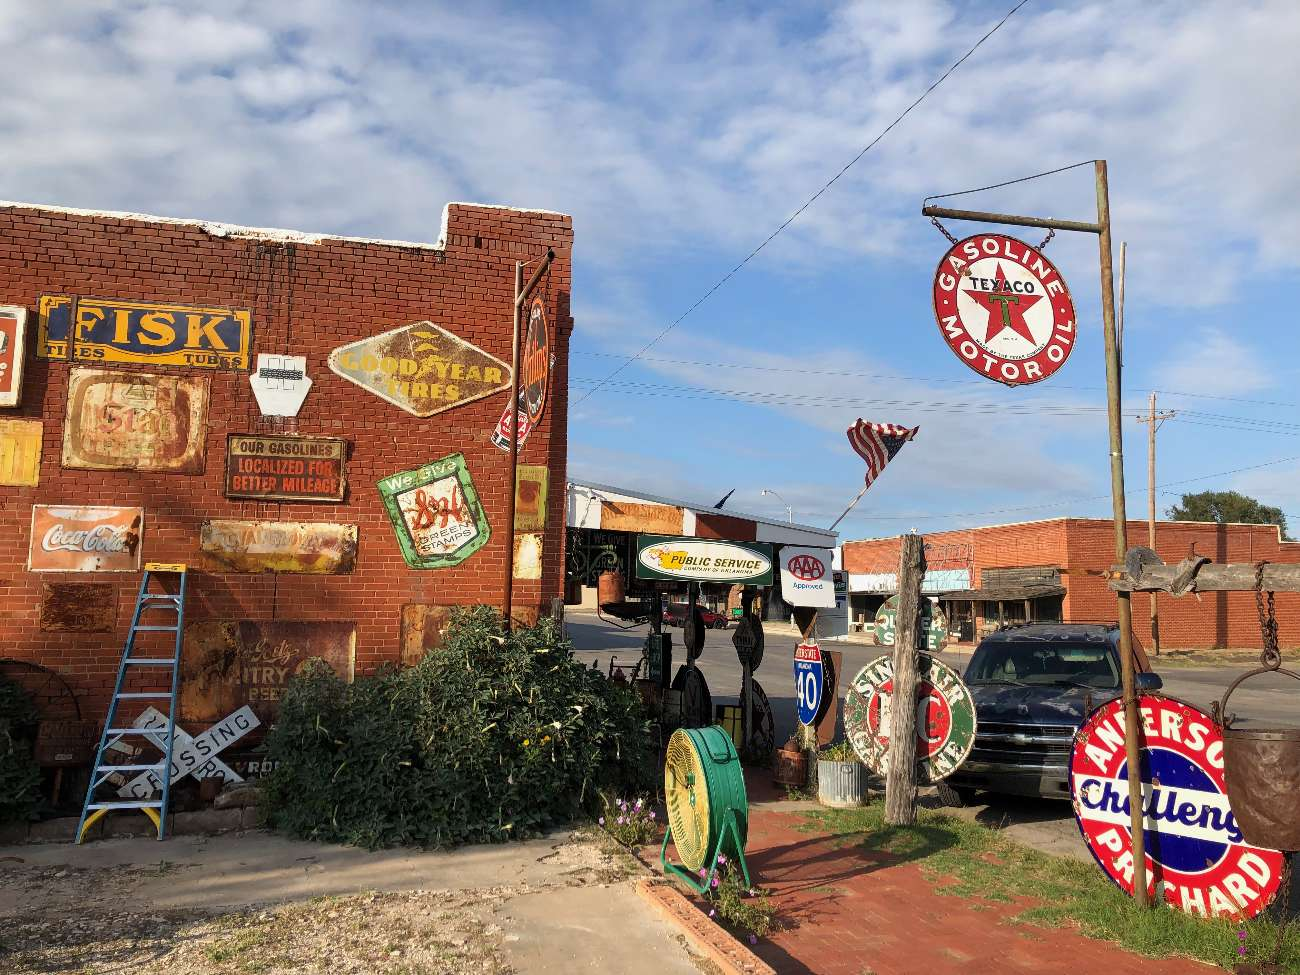 Außenansicht des Sandhill Curiosity Shop in Erick, OK, mit ausgestorbener Main Street im Hintergrund